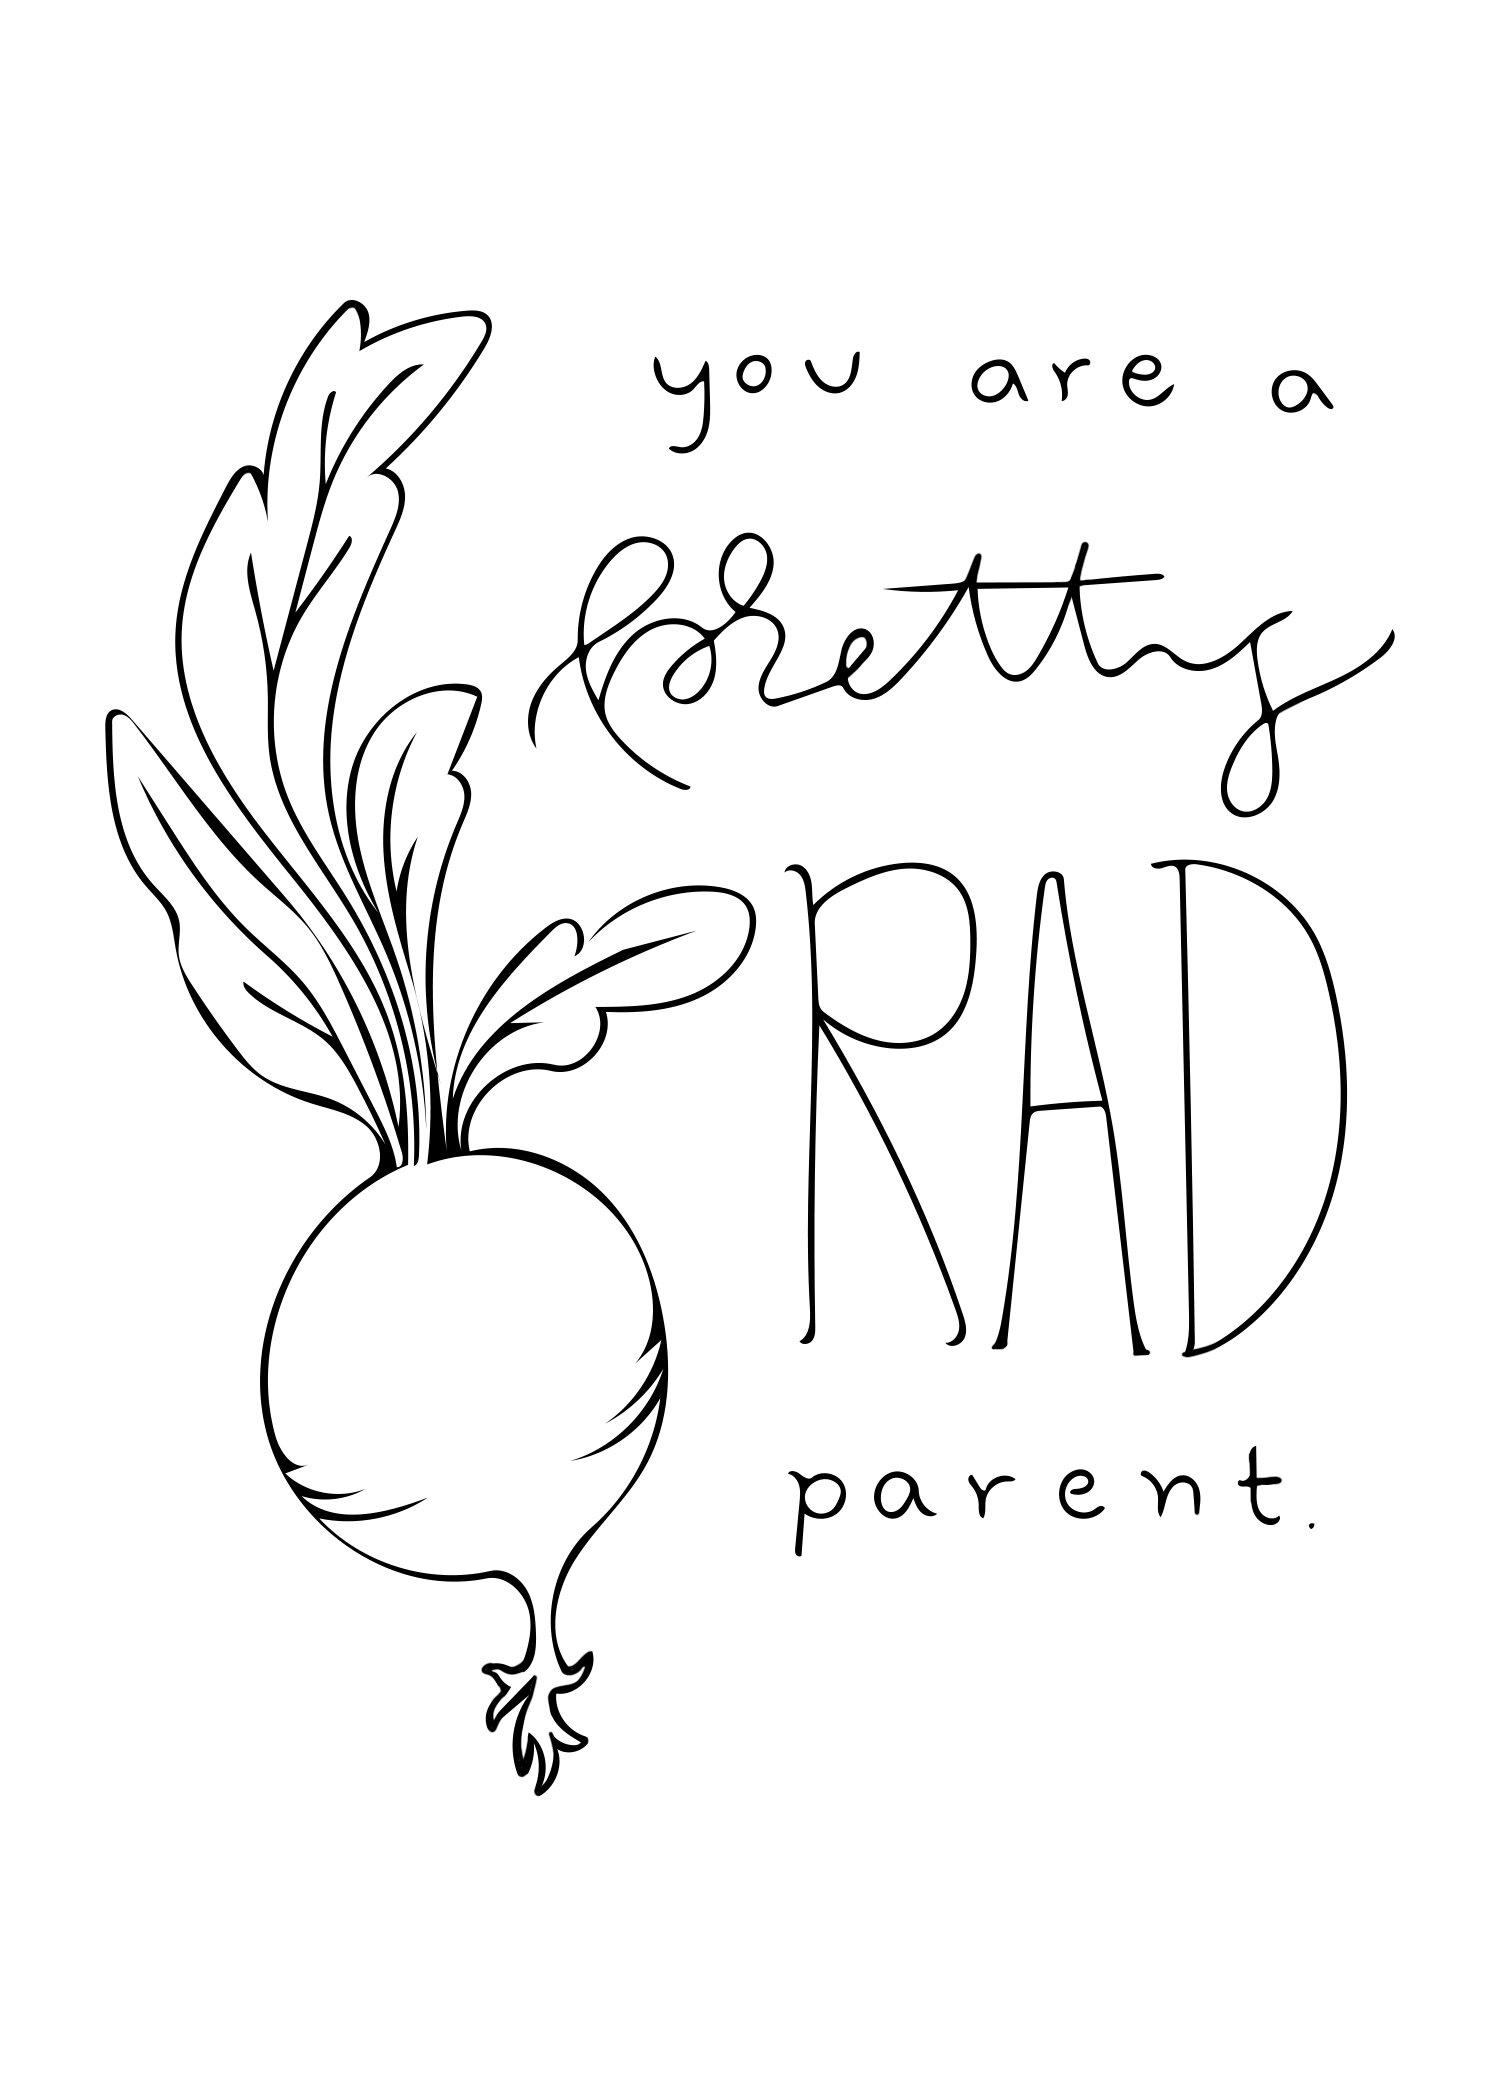 You're a pretty rad parent.jpg